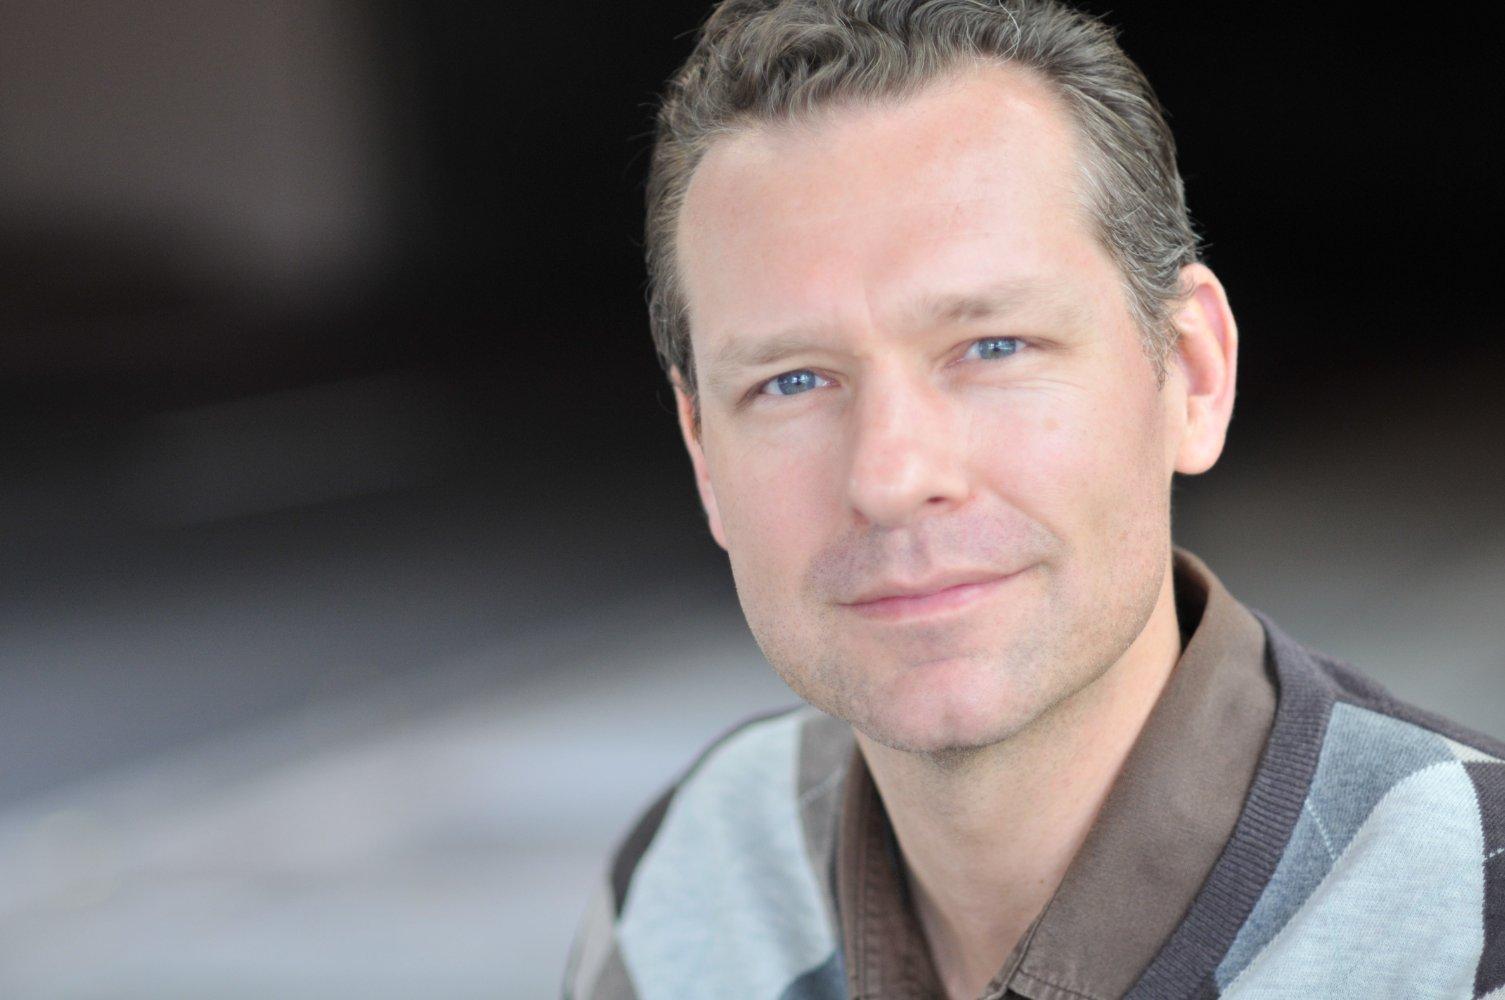 Sean C. Graham